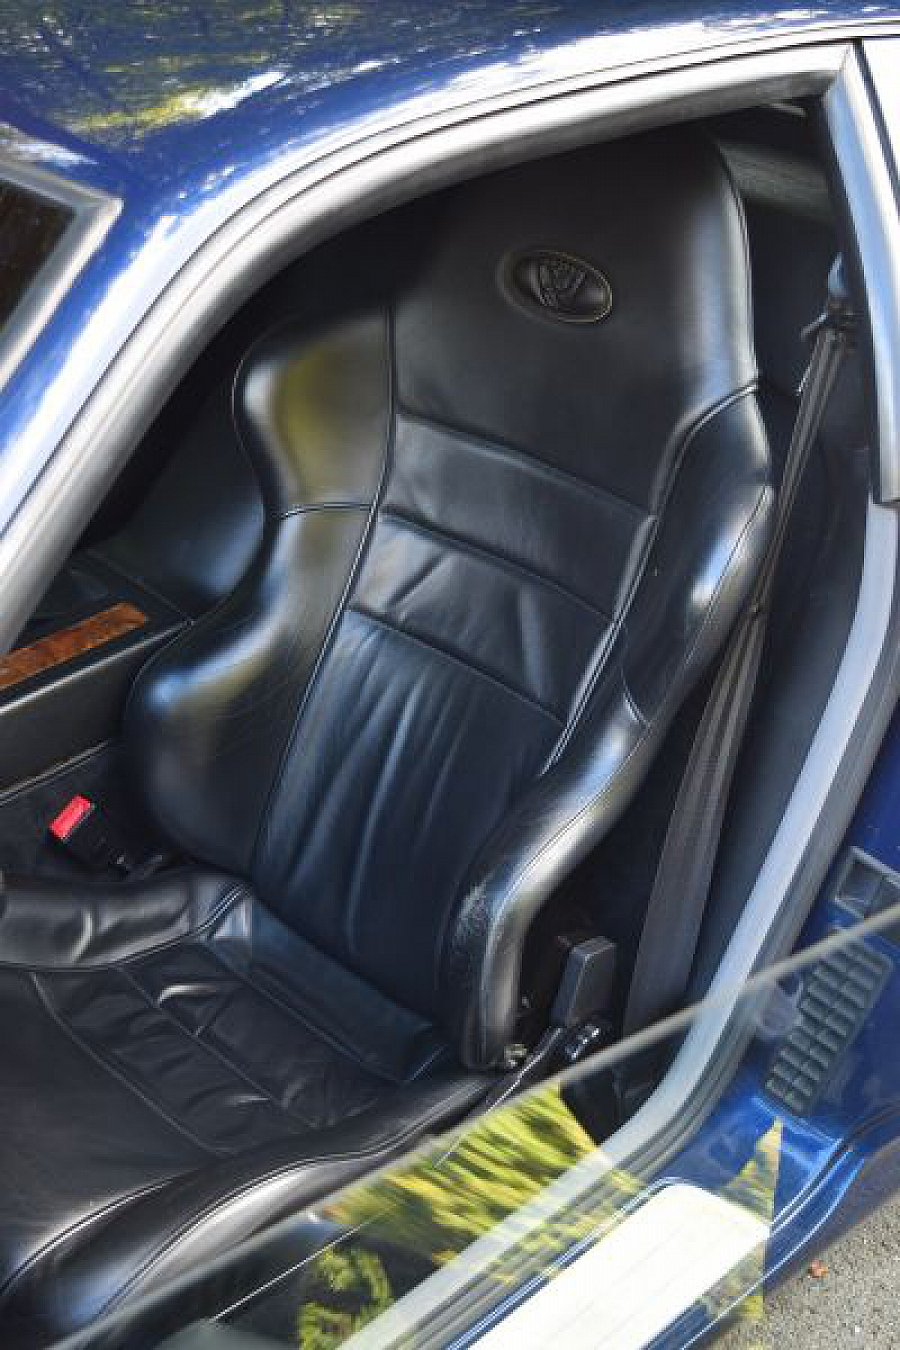 venturi 300 atlantique coup occasion 55 000 44 130 km vente de voiture d 39 occasion. Black Bedroom Furniture Sets. Home Design Ideas